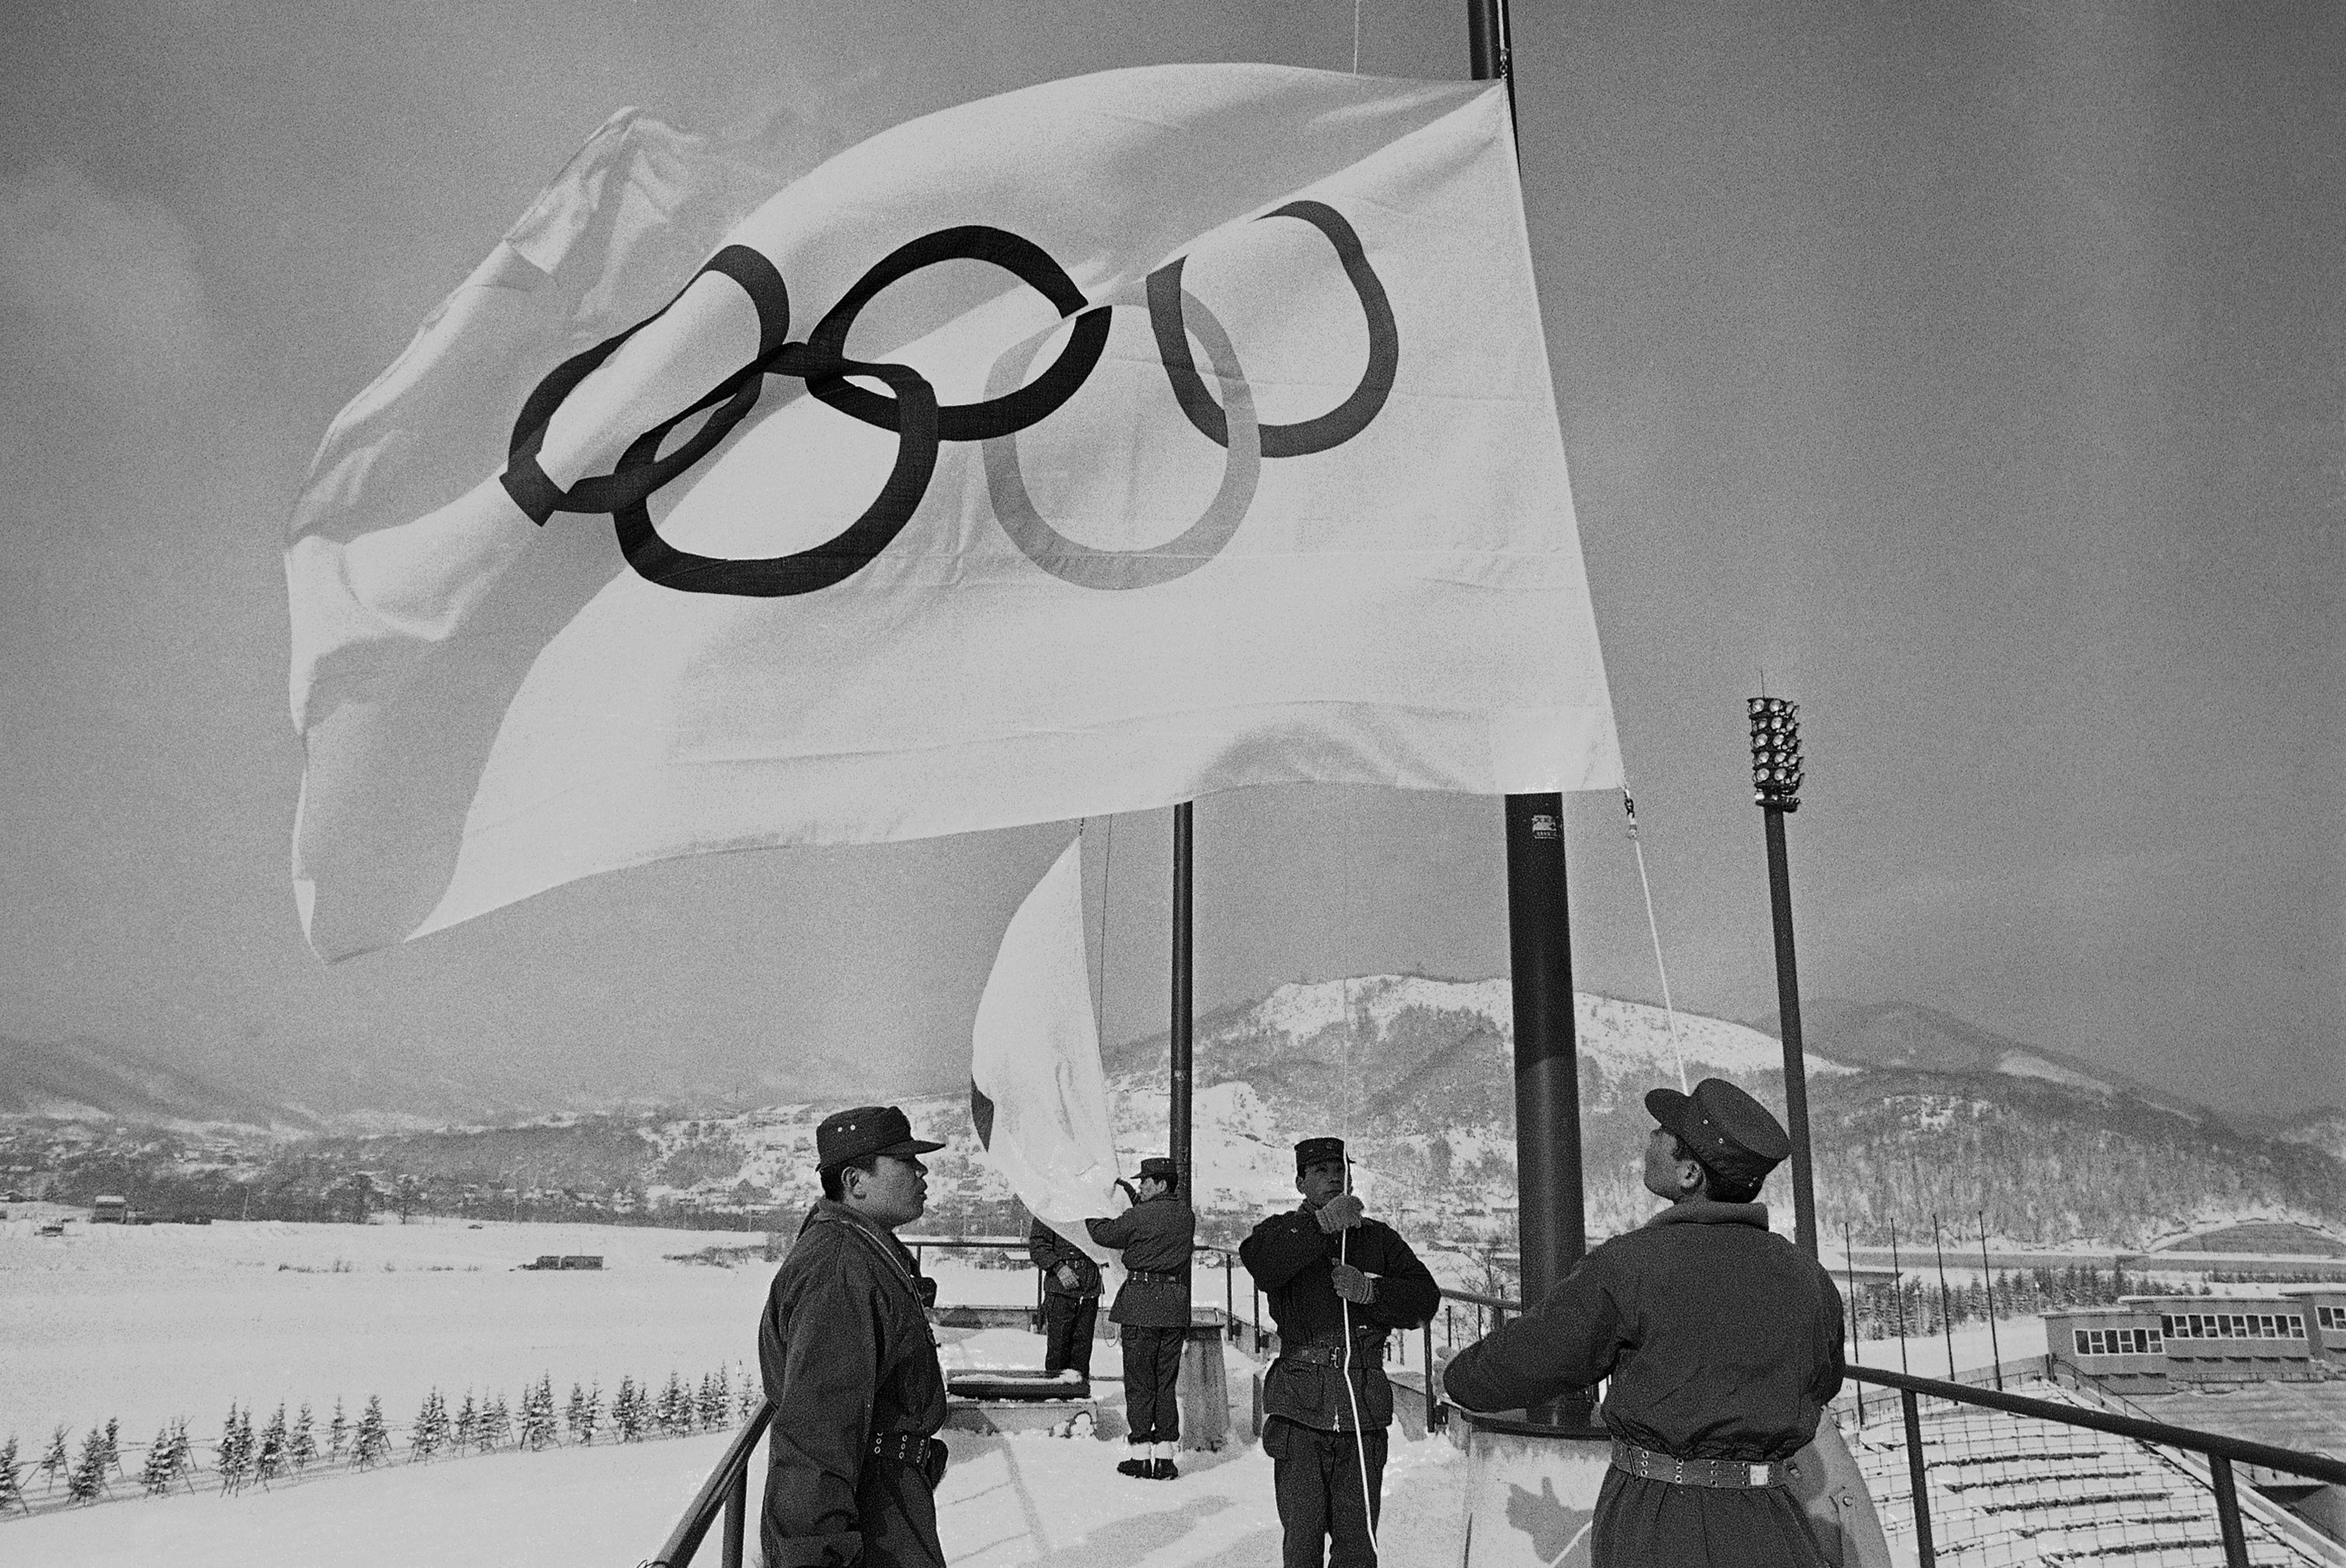 Japan sapporo winter olympics, chav pussy pics